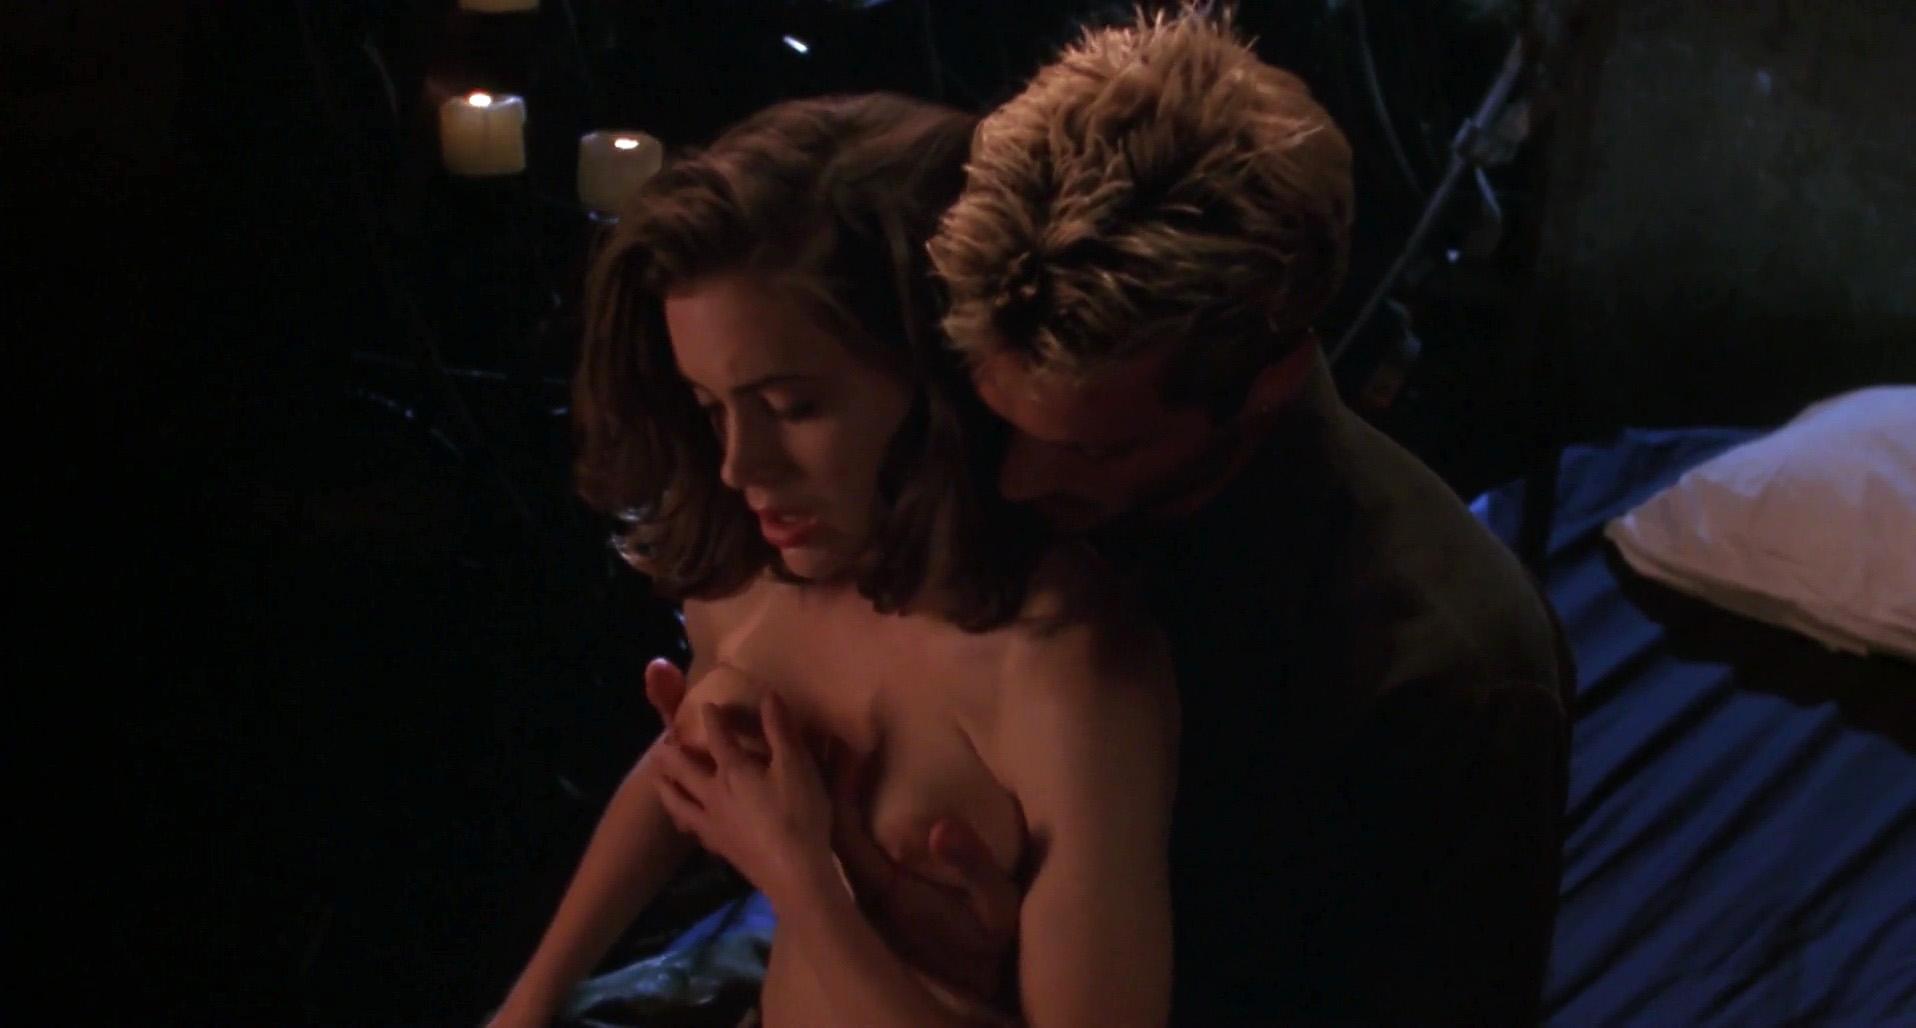 Alyssa Milano Nude Outer Limits alyssa milano nude movie - adult videos